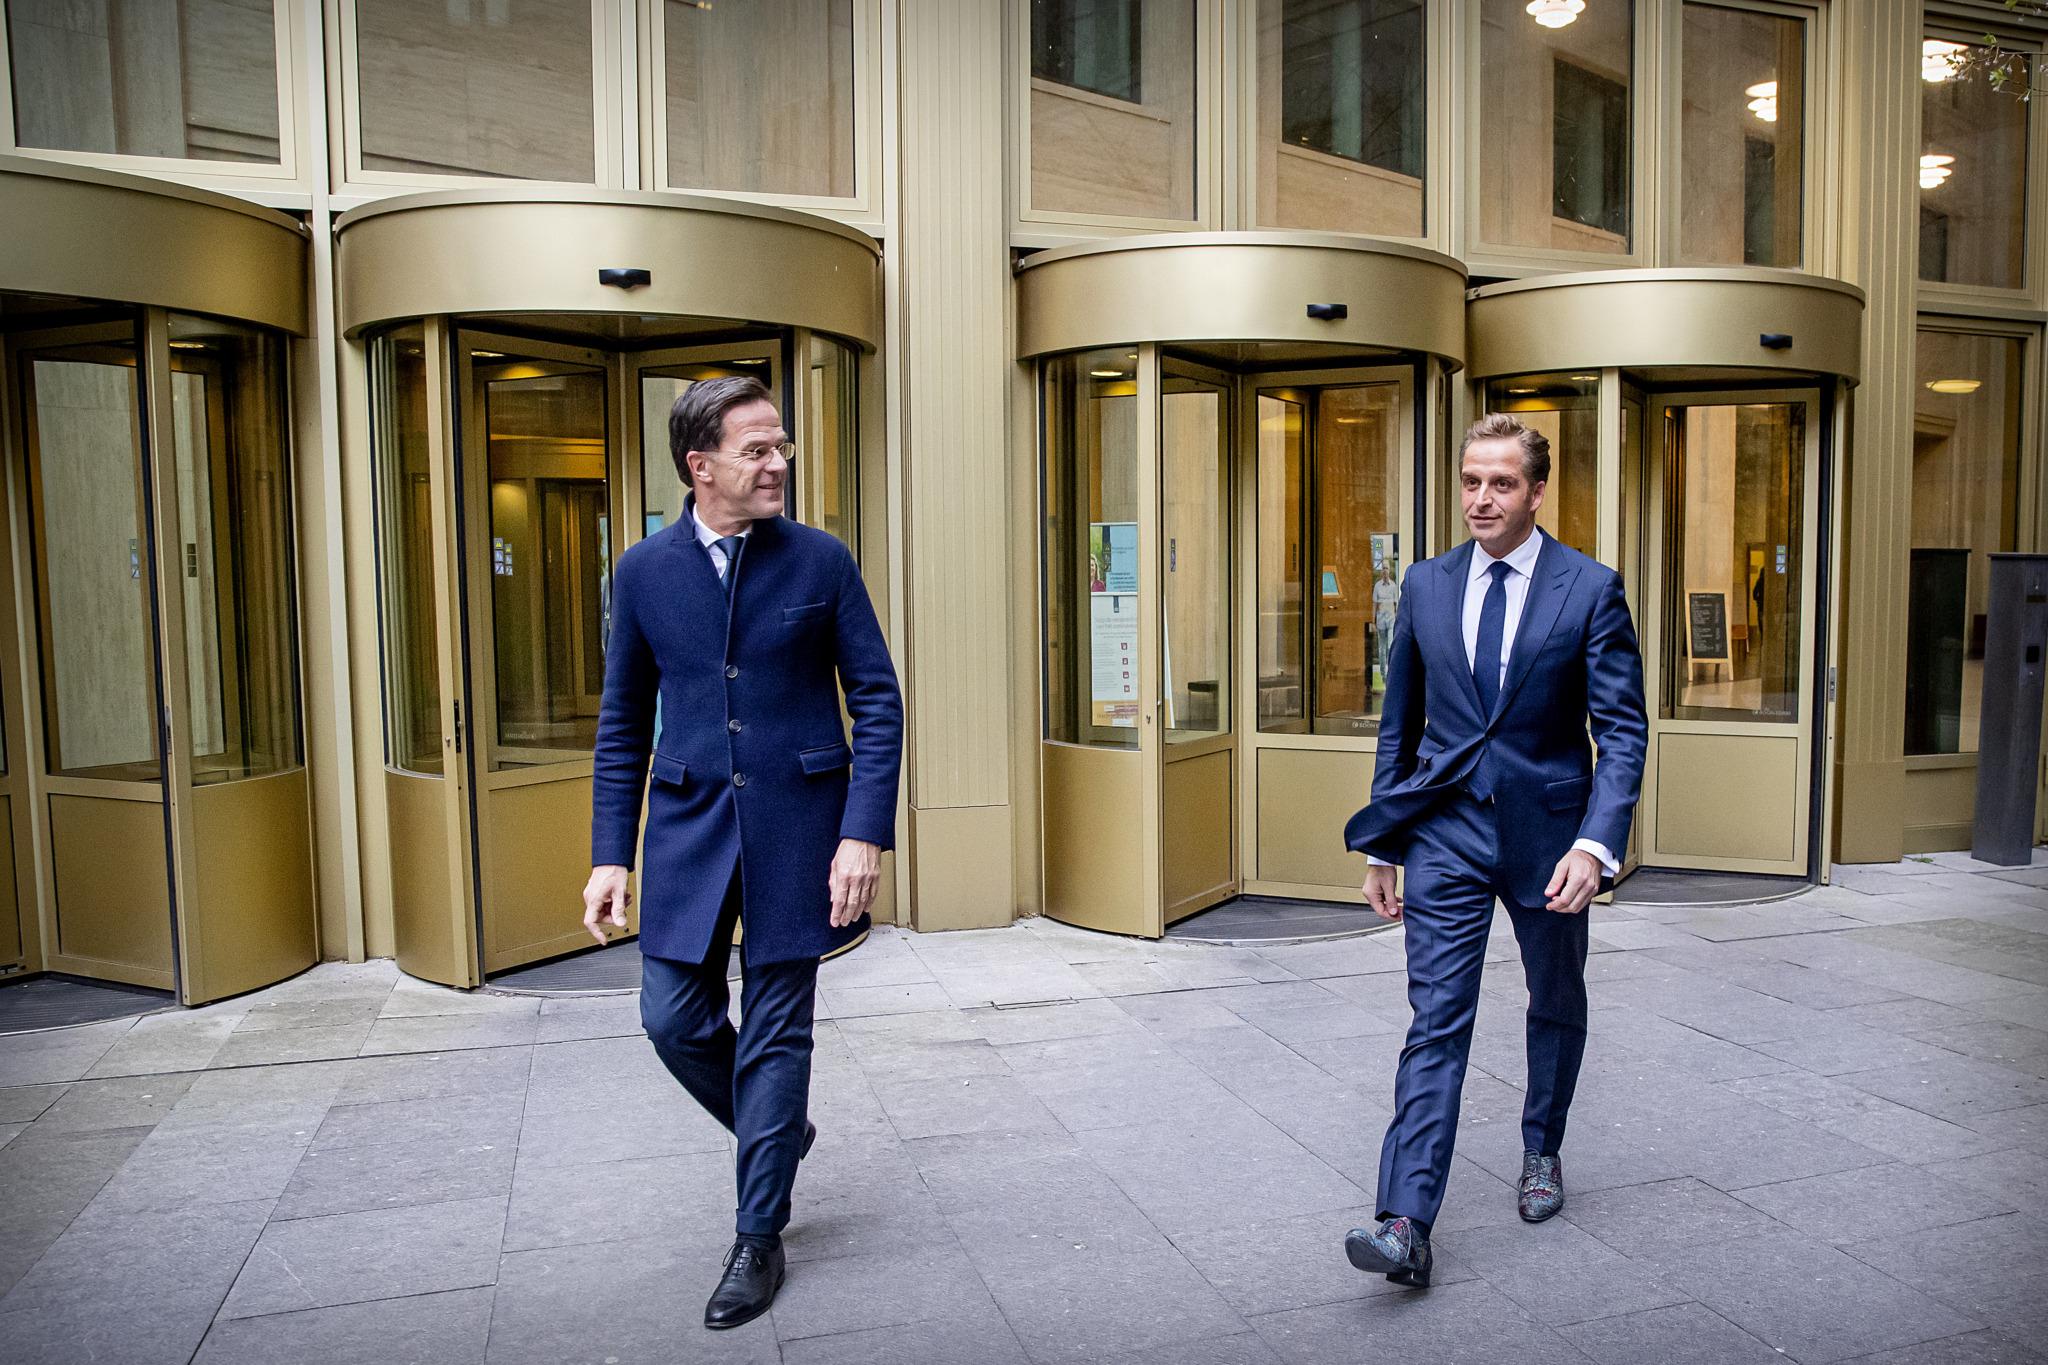 Mark Rutte en Hugo de jonge